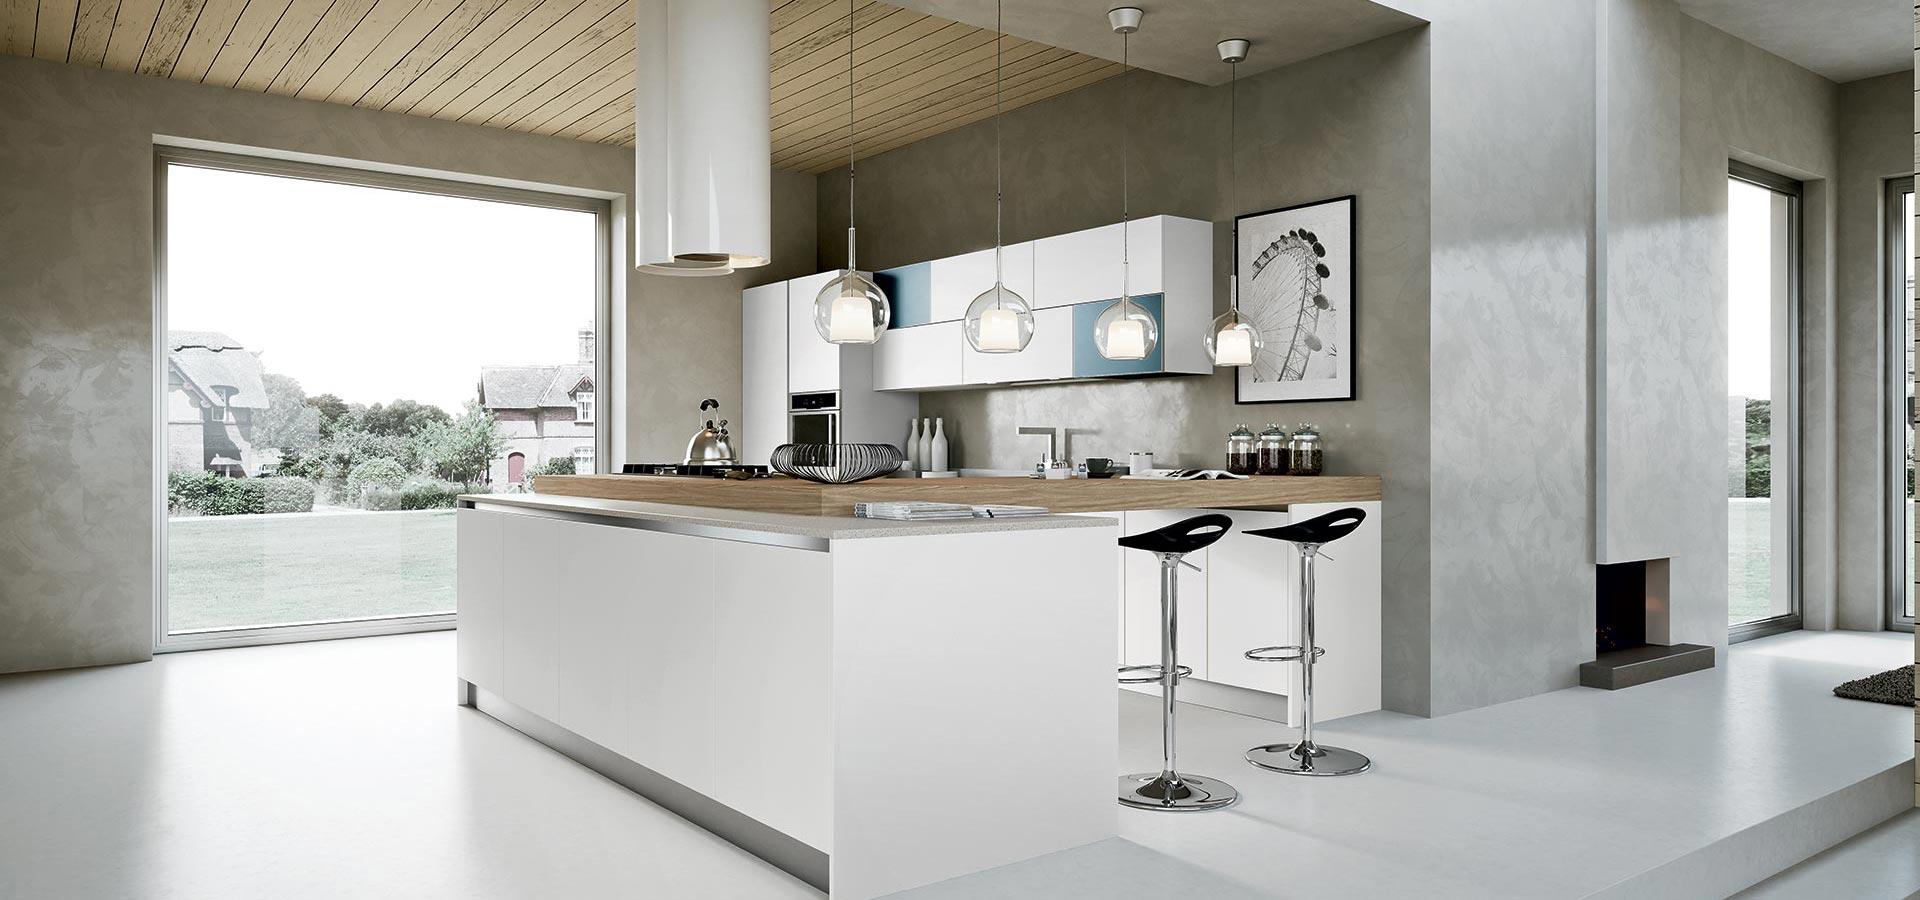 marchi trattati boiocchi. Black Bedroom Furniture Sets. Home Design Ideas